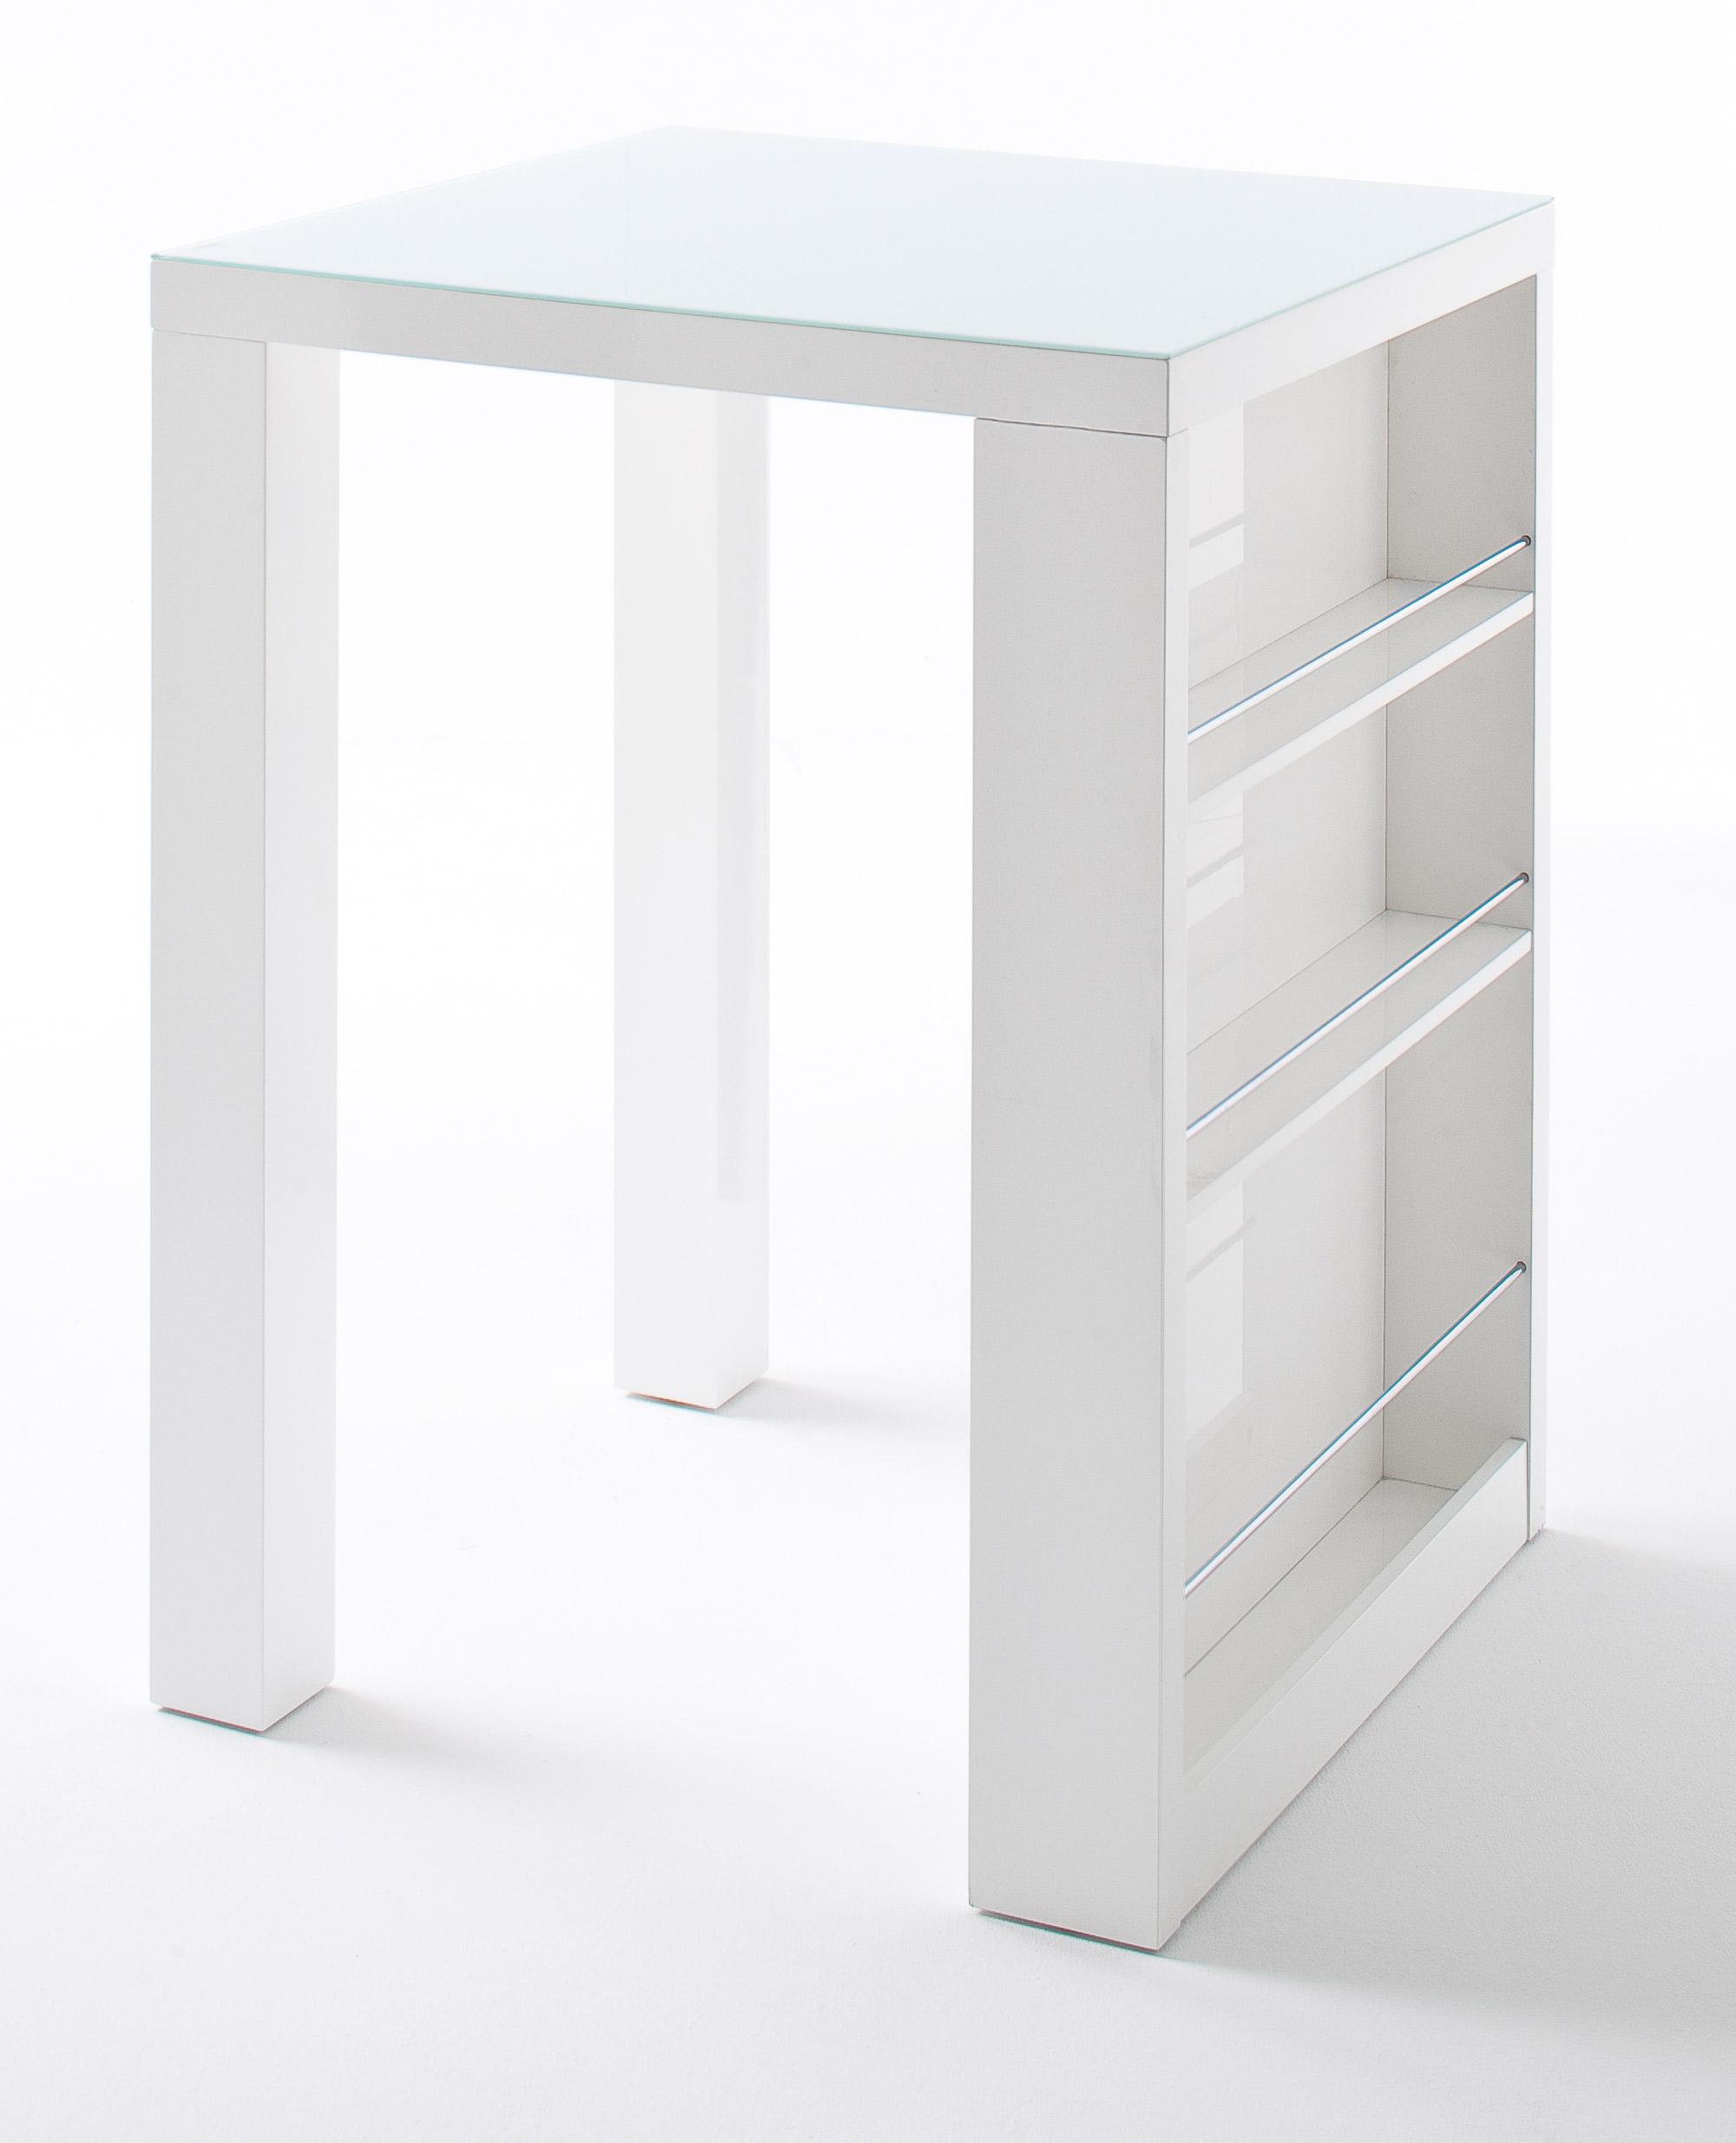 24designs-bartafel-royal-glass-b80-x-h107-cm